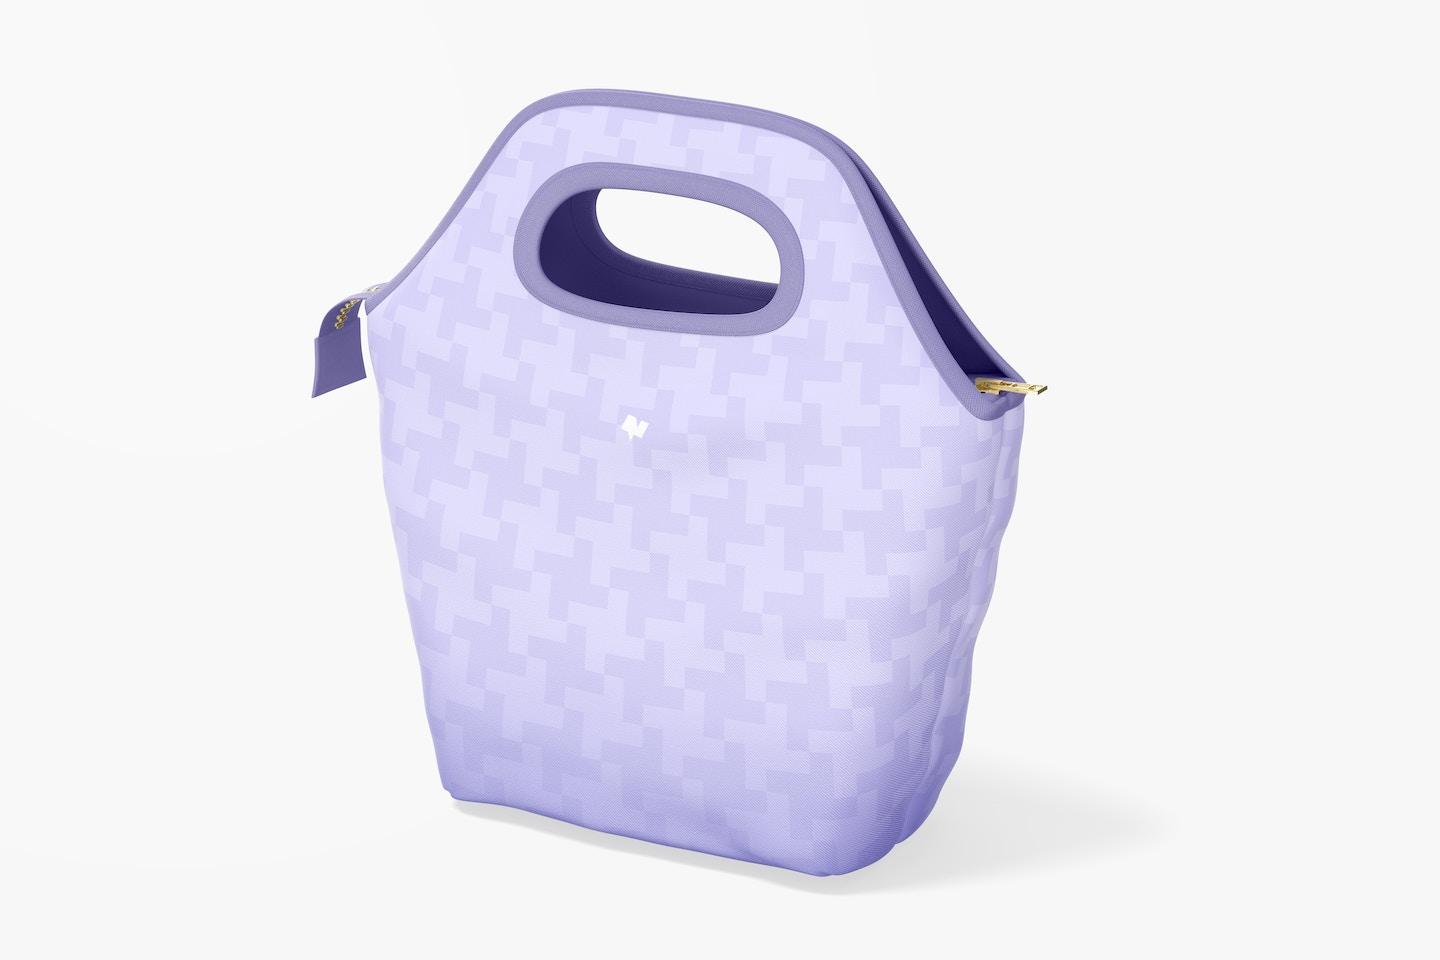 Lunch Bag Mockup